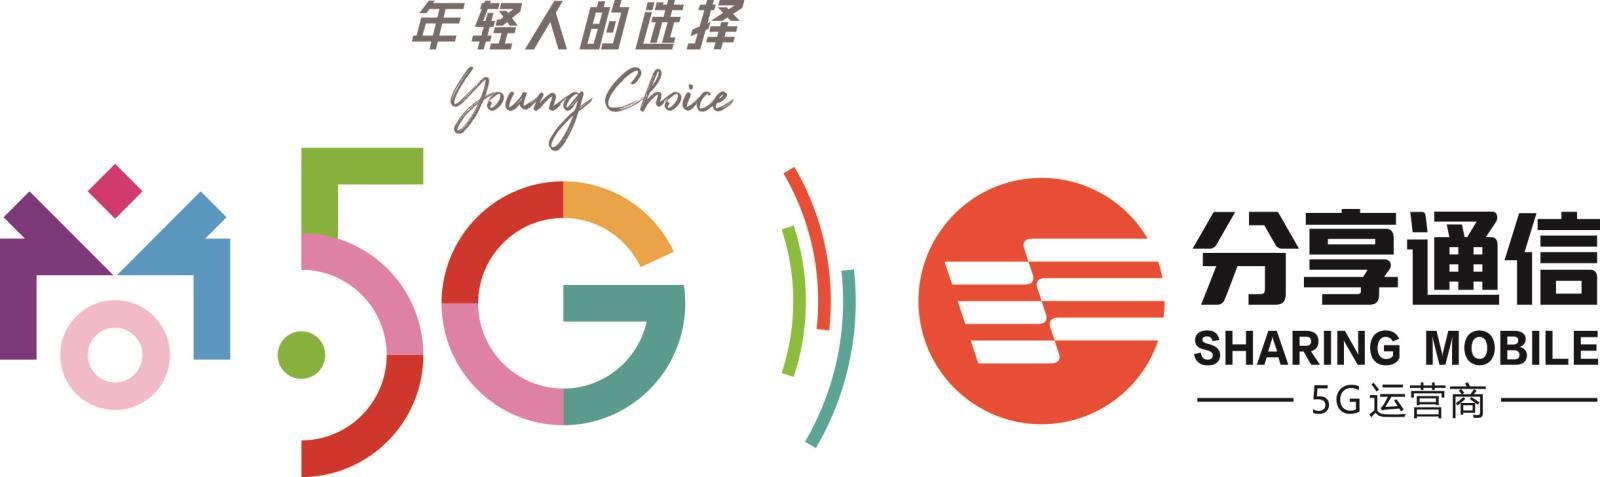 分享尚5G联合logo 修改年轻人的选择.jpg